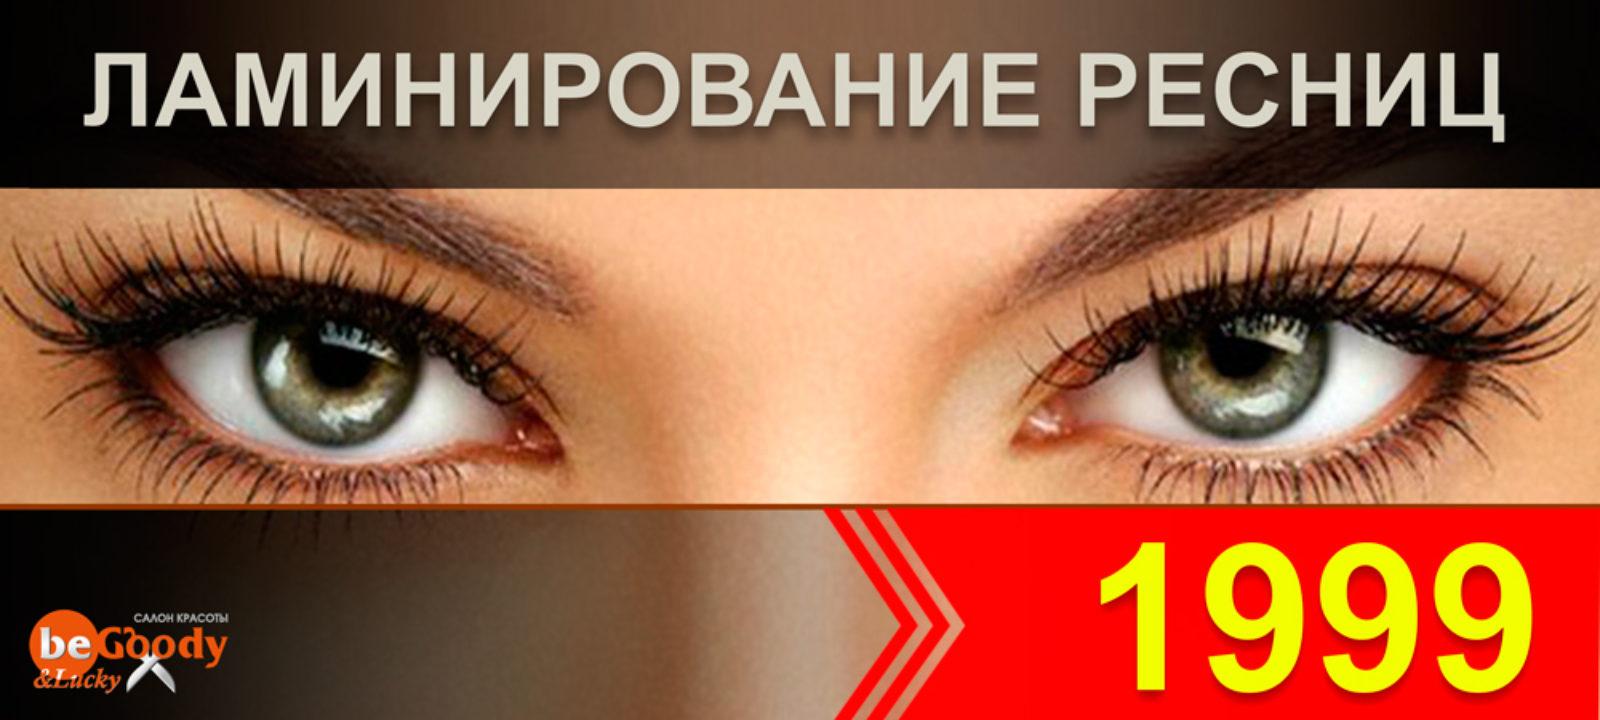 ЛАМИНИРОВАНИЕ-РЕСНИЦ-1999